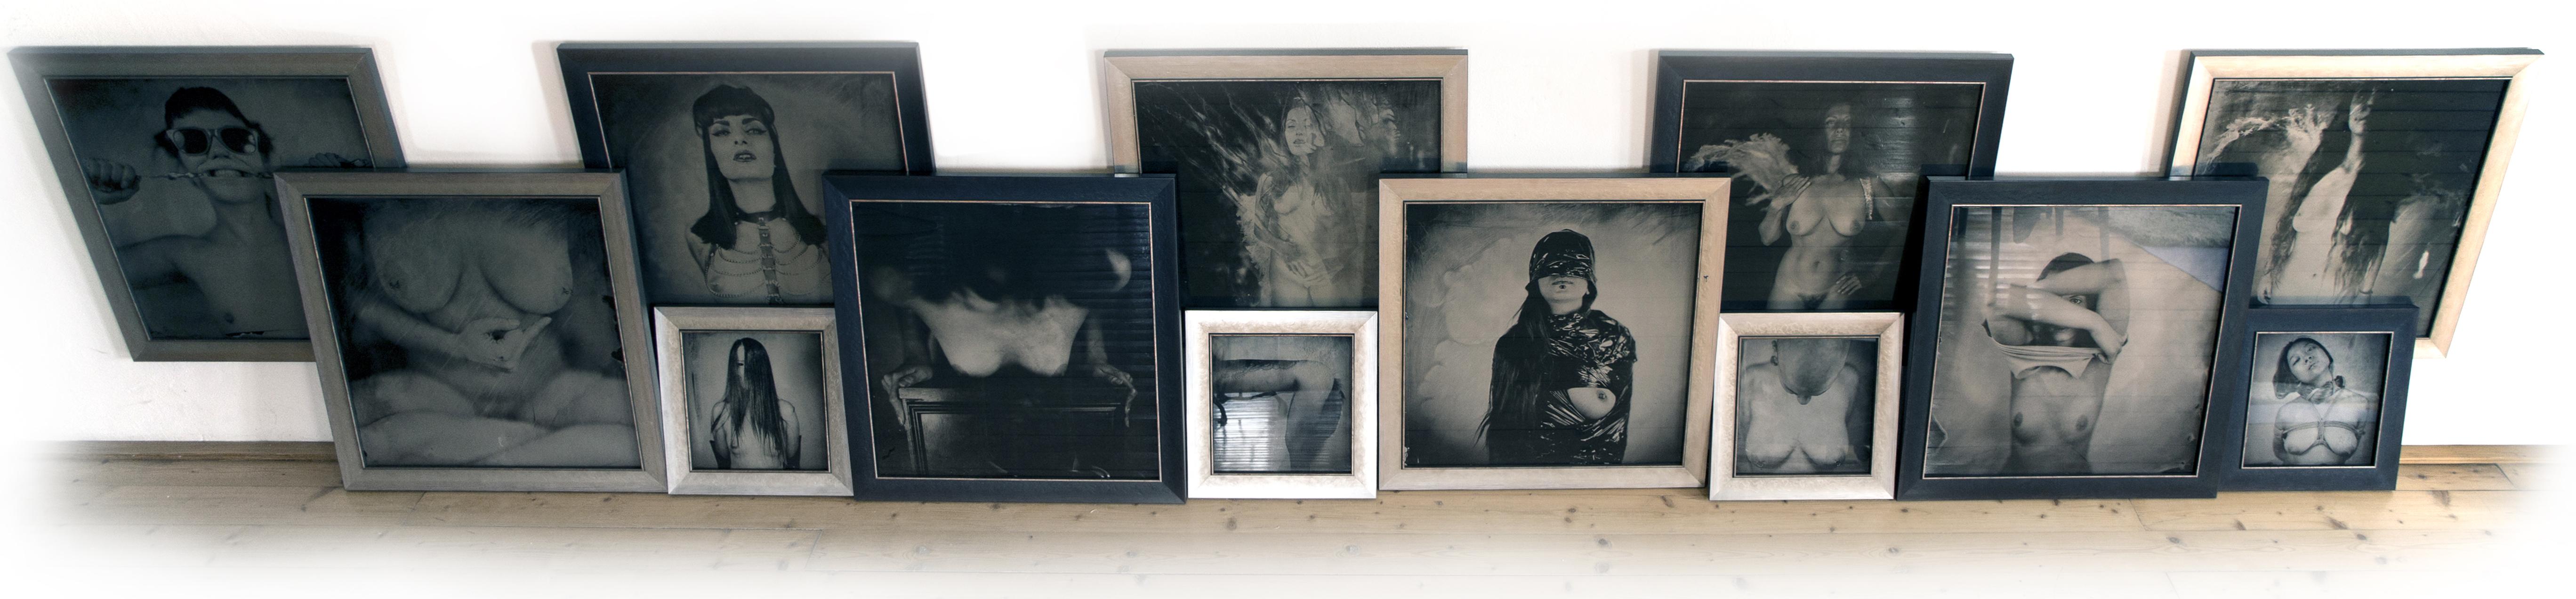 Obrázek s galerií kolodiových obrazů narovnaných u zdi